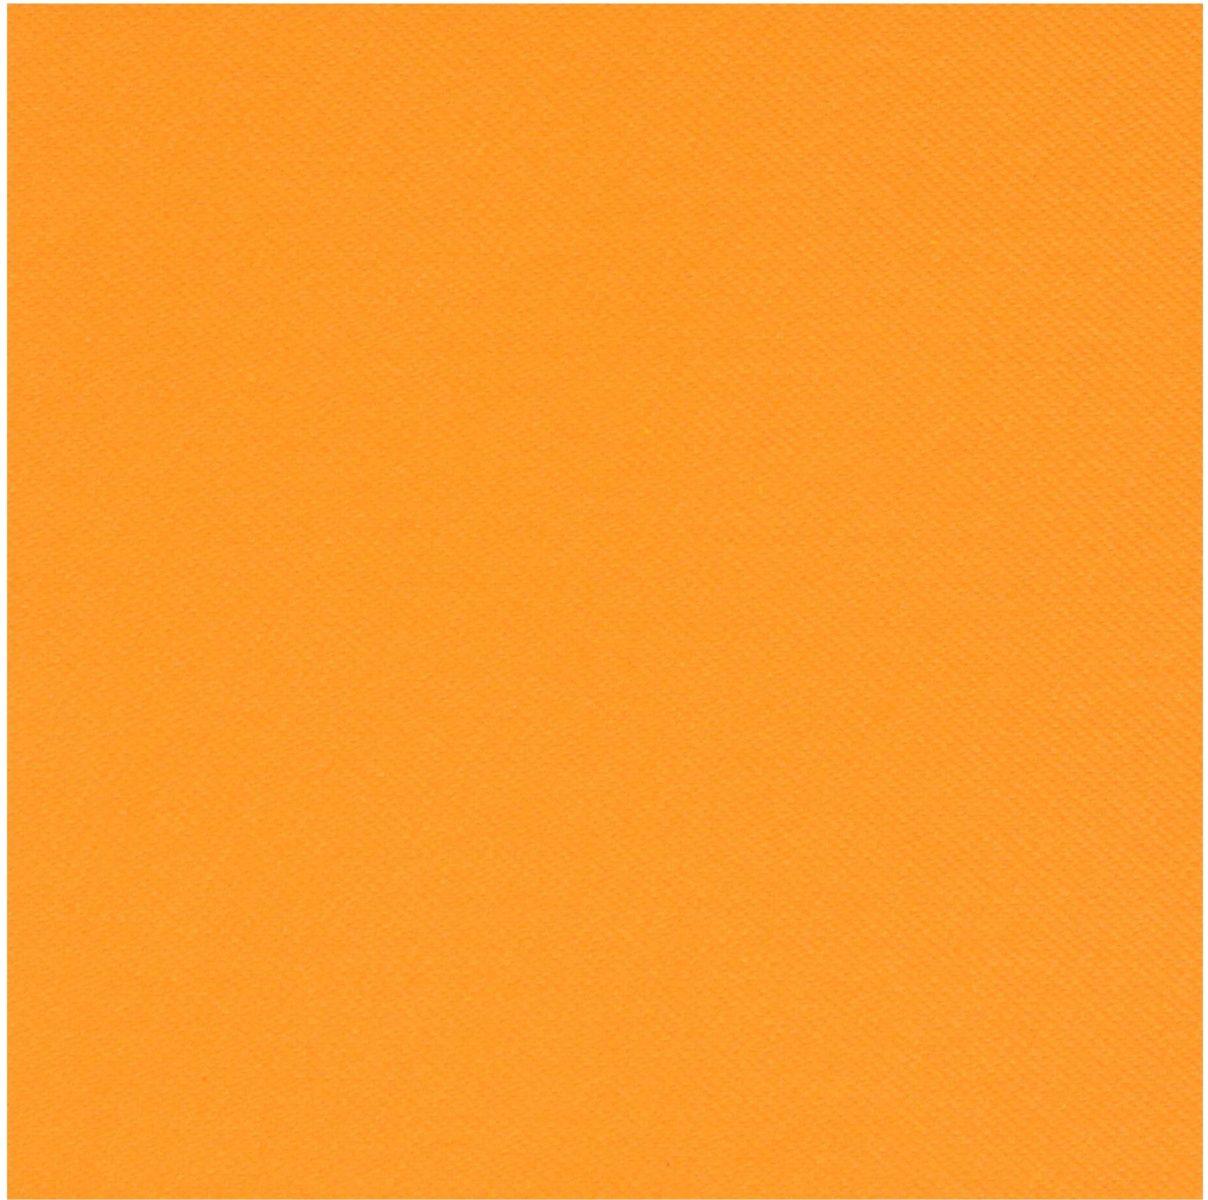 Festivitré Celisoft Mandarine 1